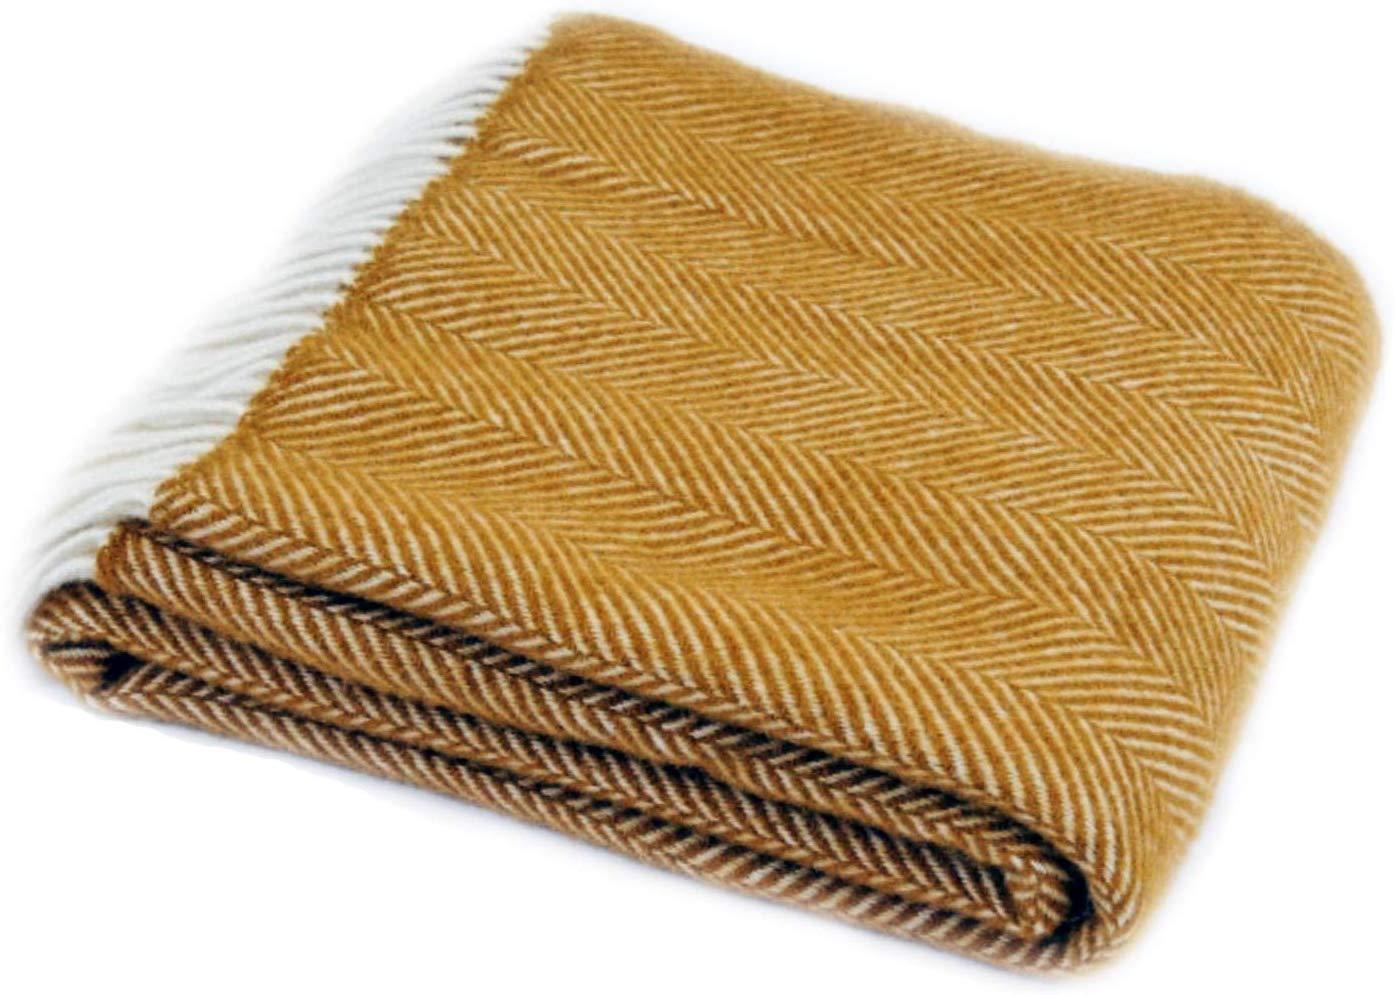 Herringbone Mustard Yellow Pure New Wool Blanket